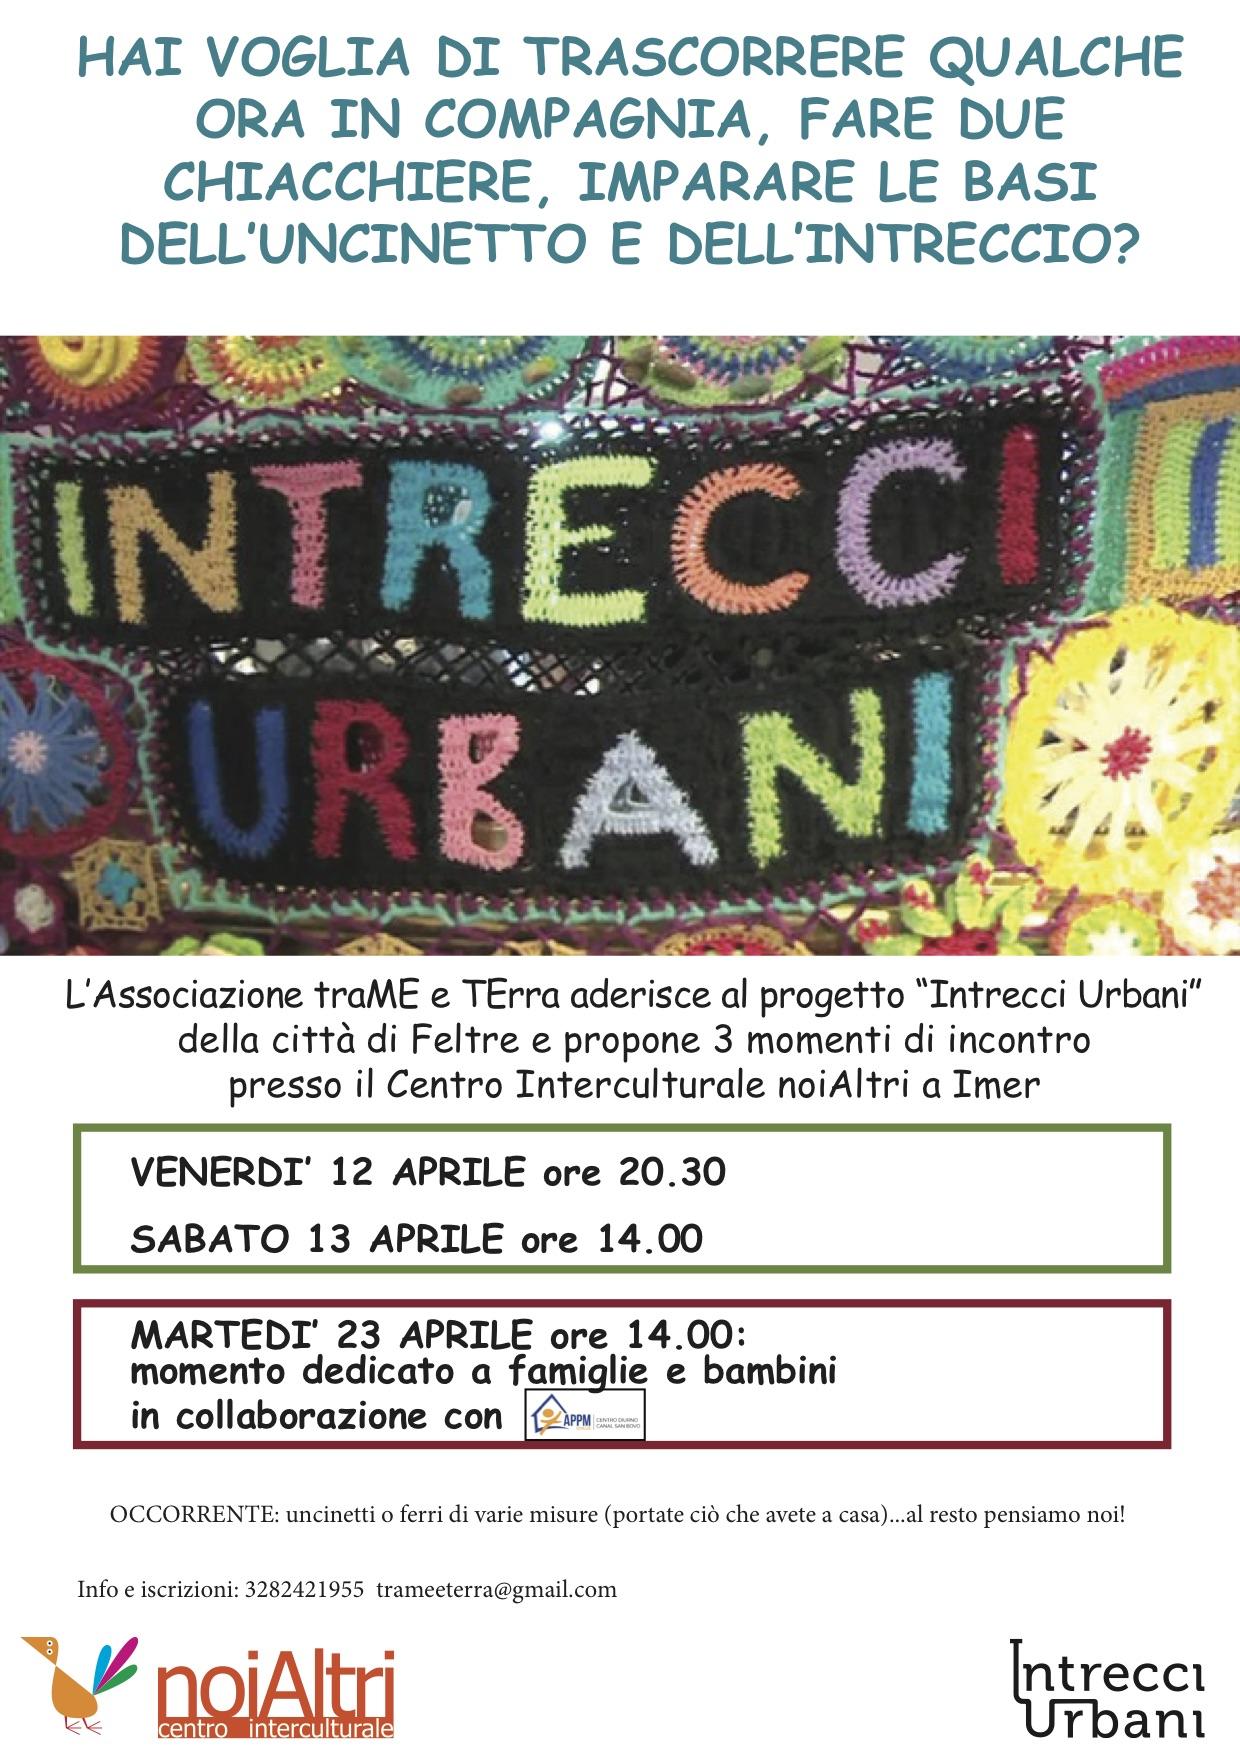 intrecci urbani def (1)